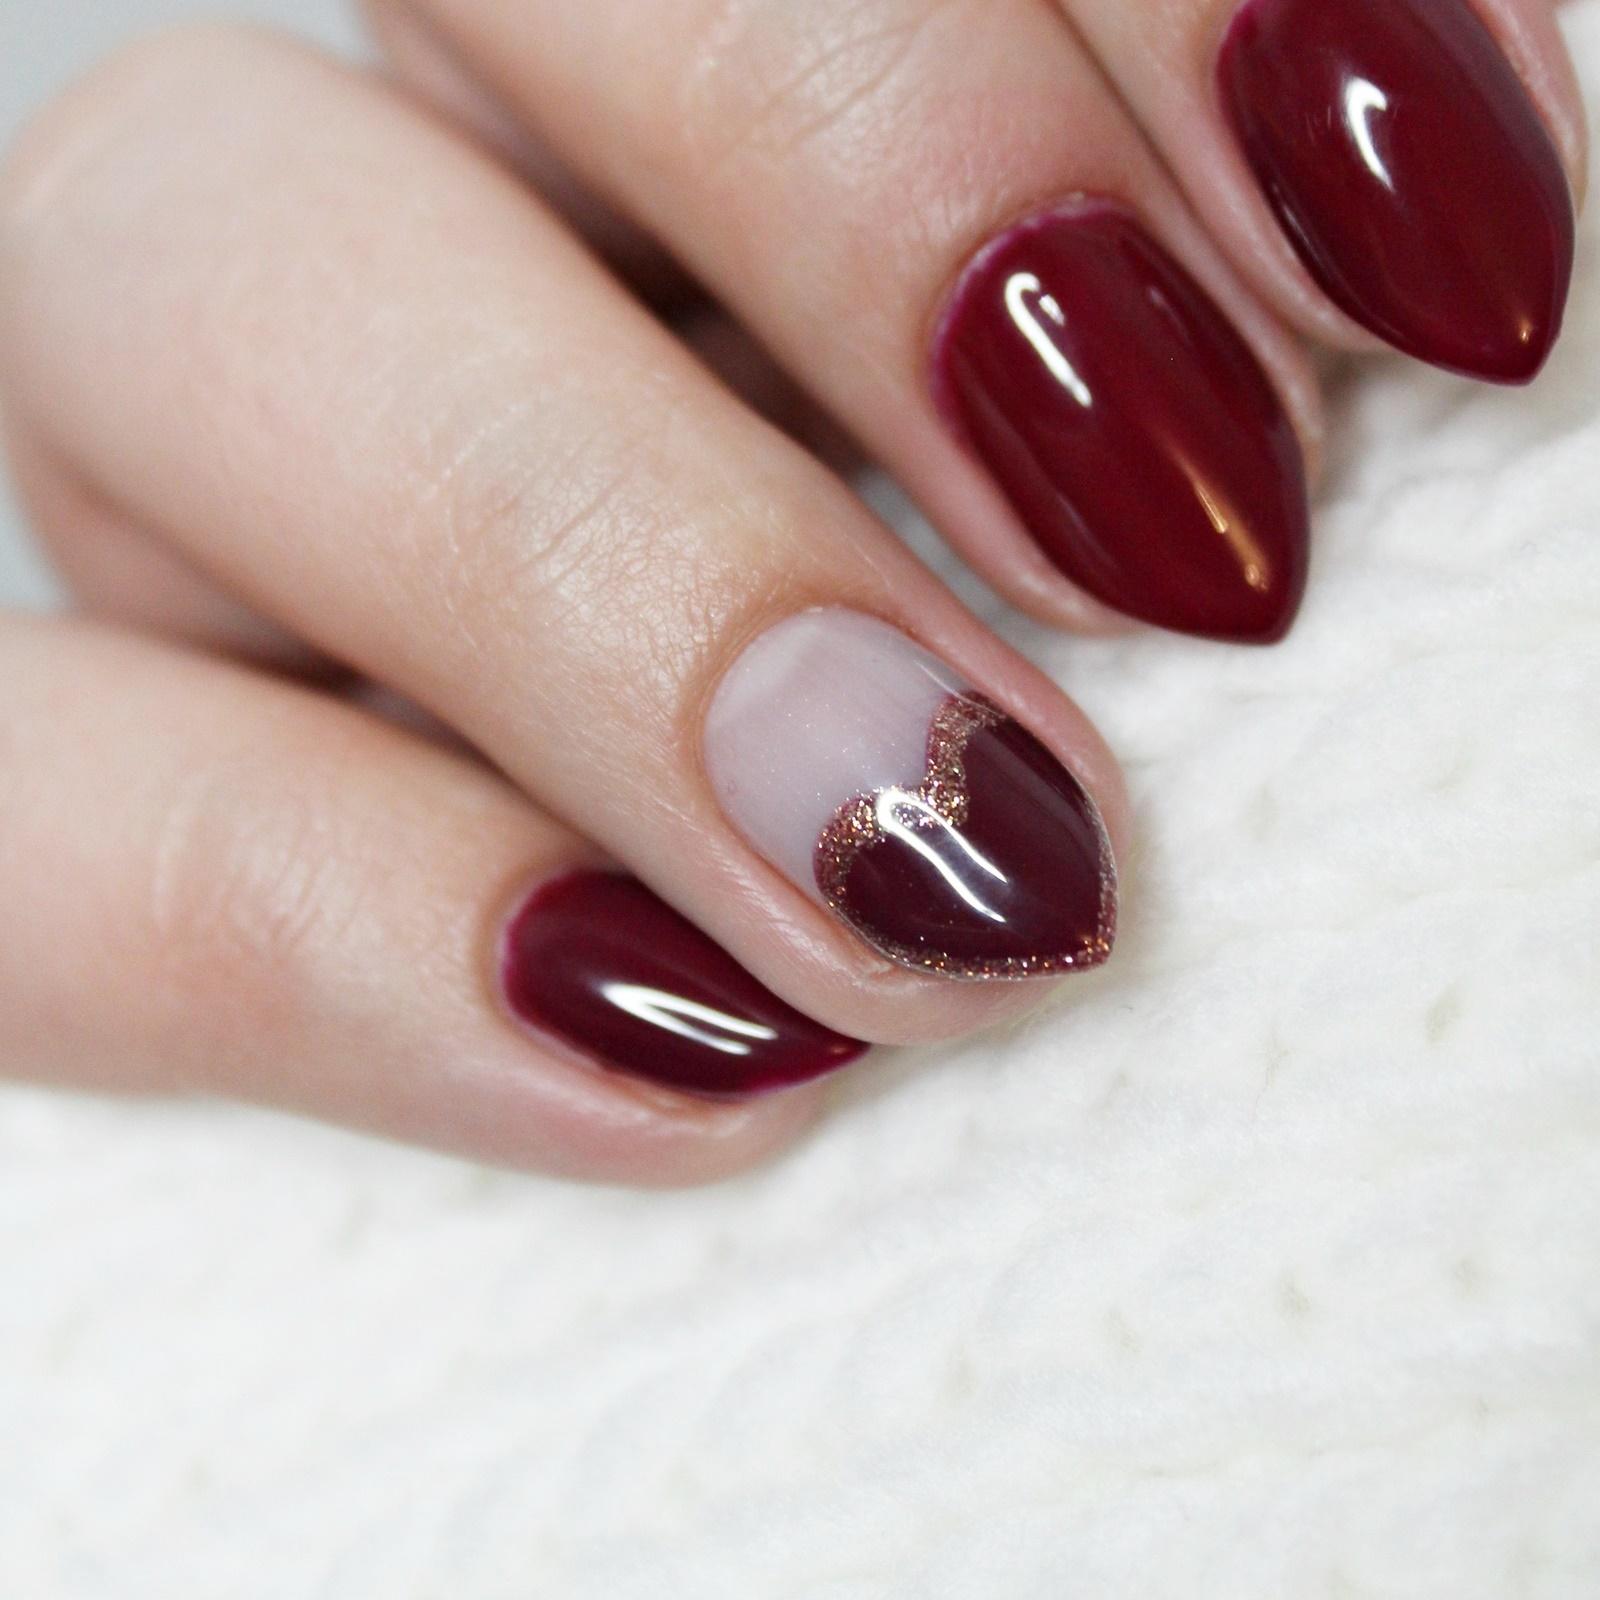 Kolekcja lakierów hybrydowych DIVINITY by Osi Ugonoh - NC Nails Company | Przegląd kolorów i proste walentynkowe zdobienie